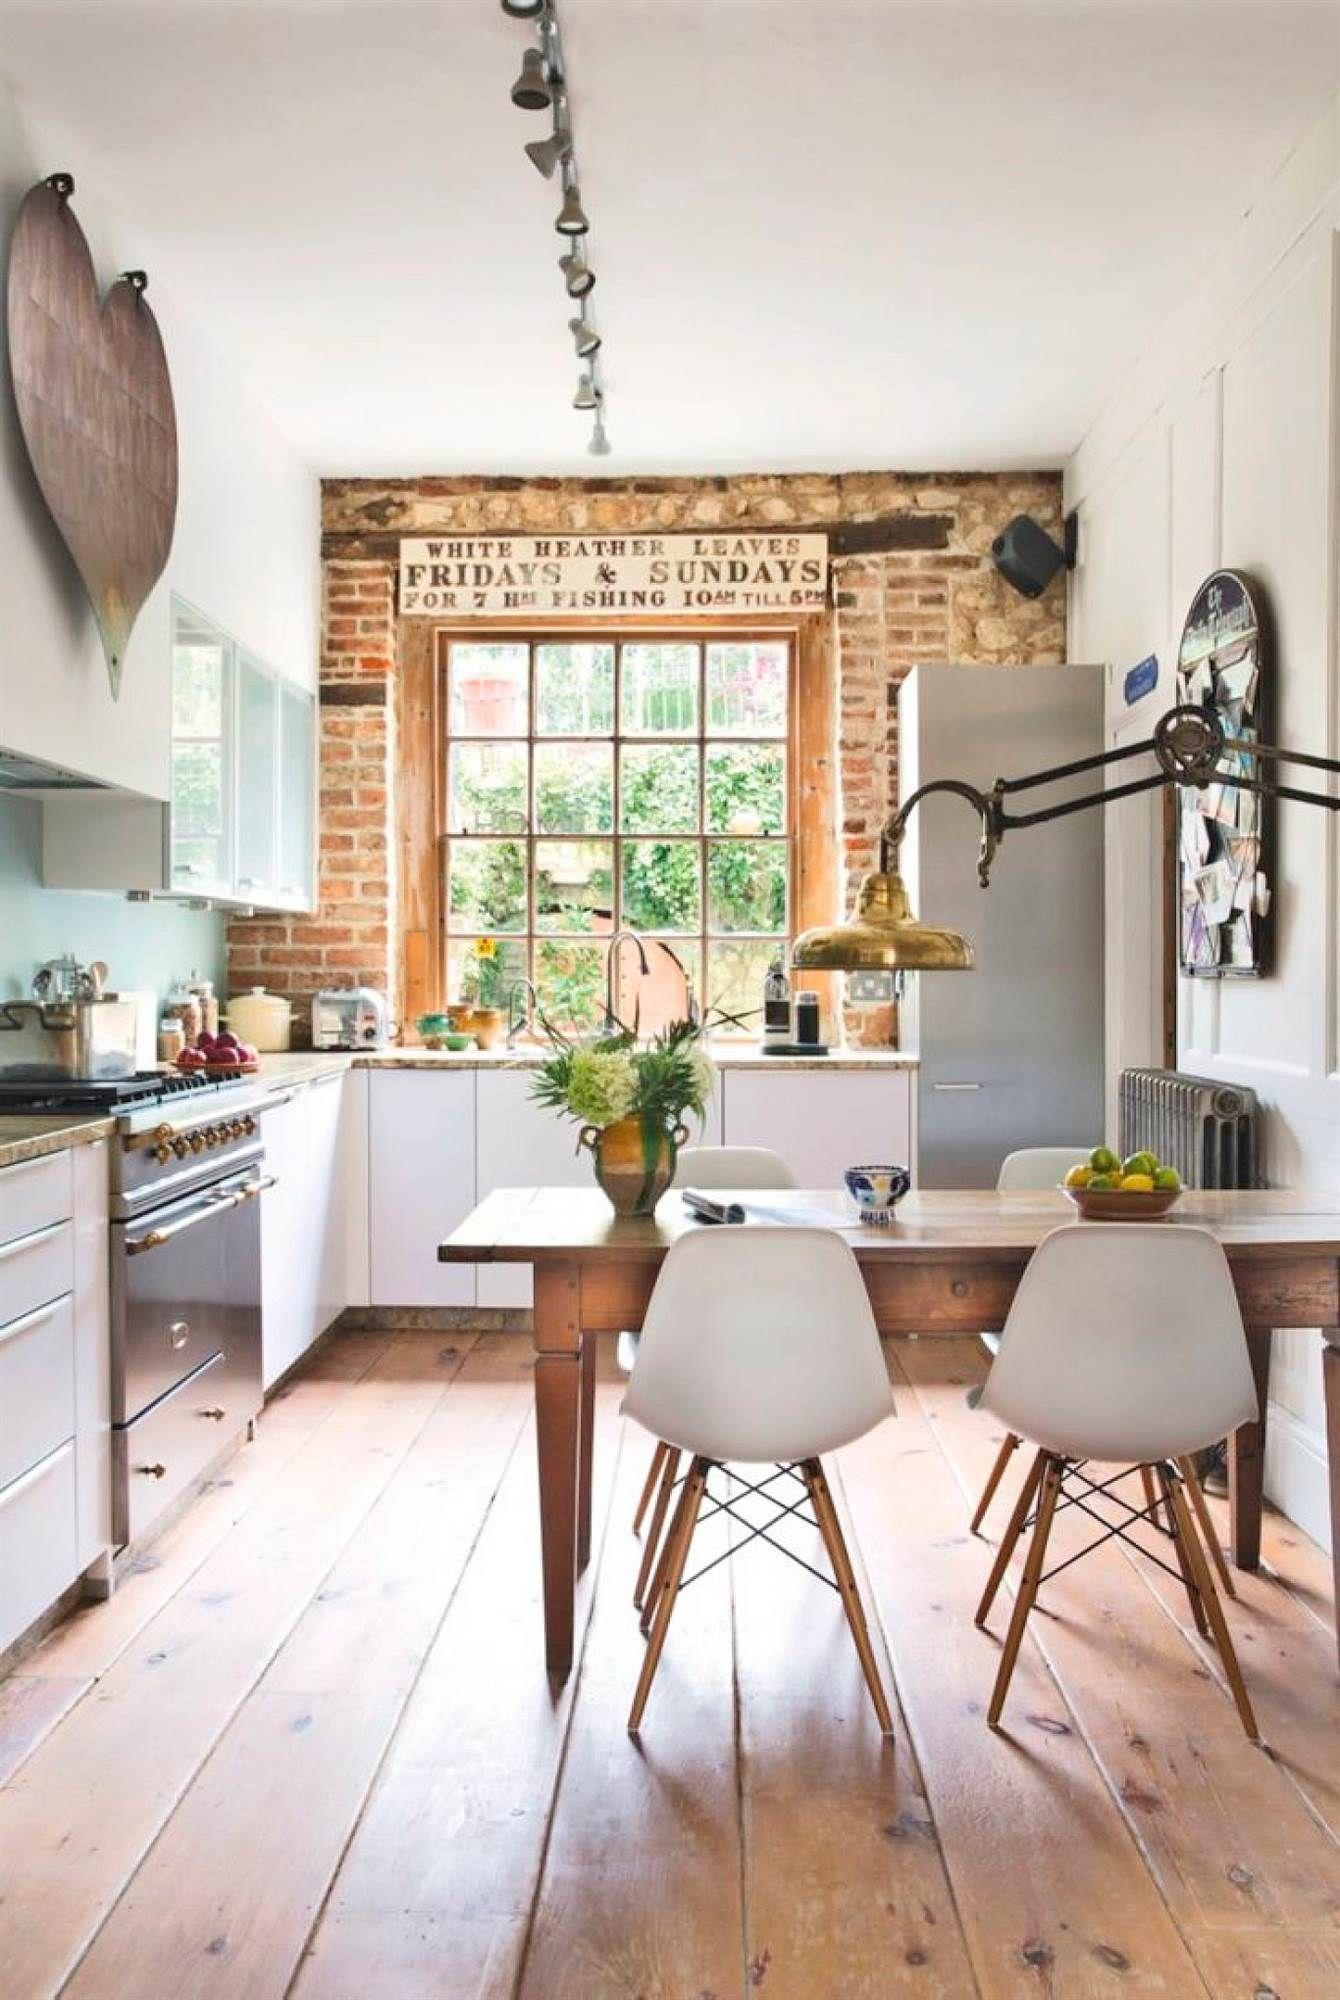 Birbirinden Güzel Retro Mutfak Tasarımları